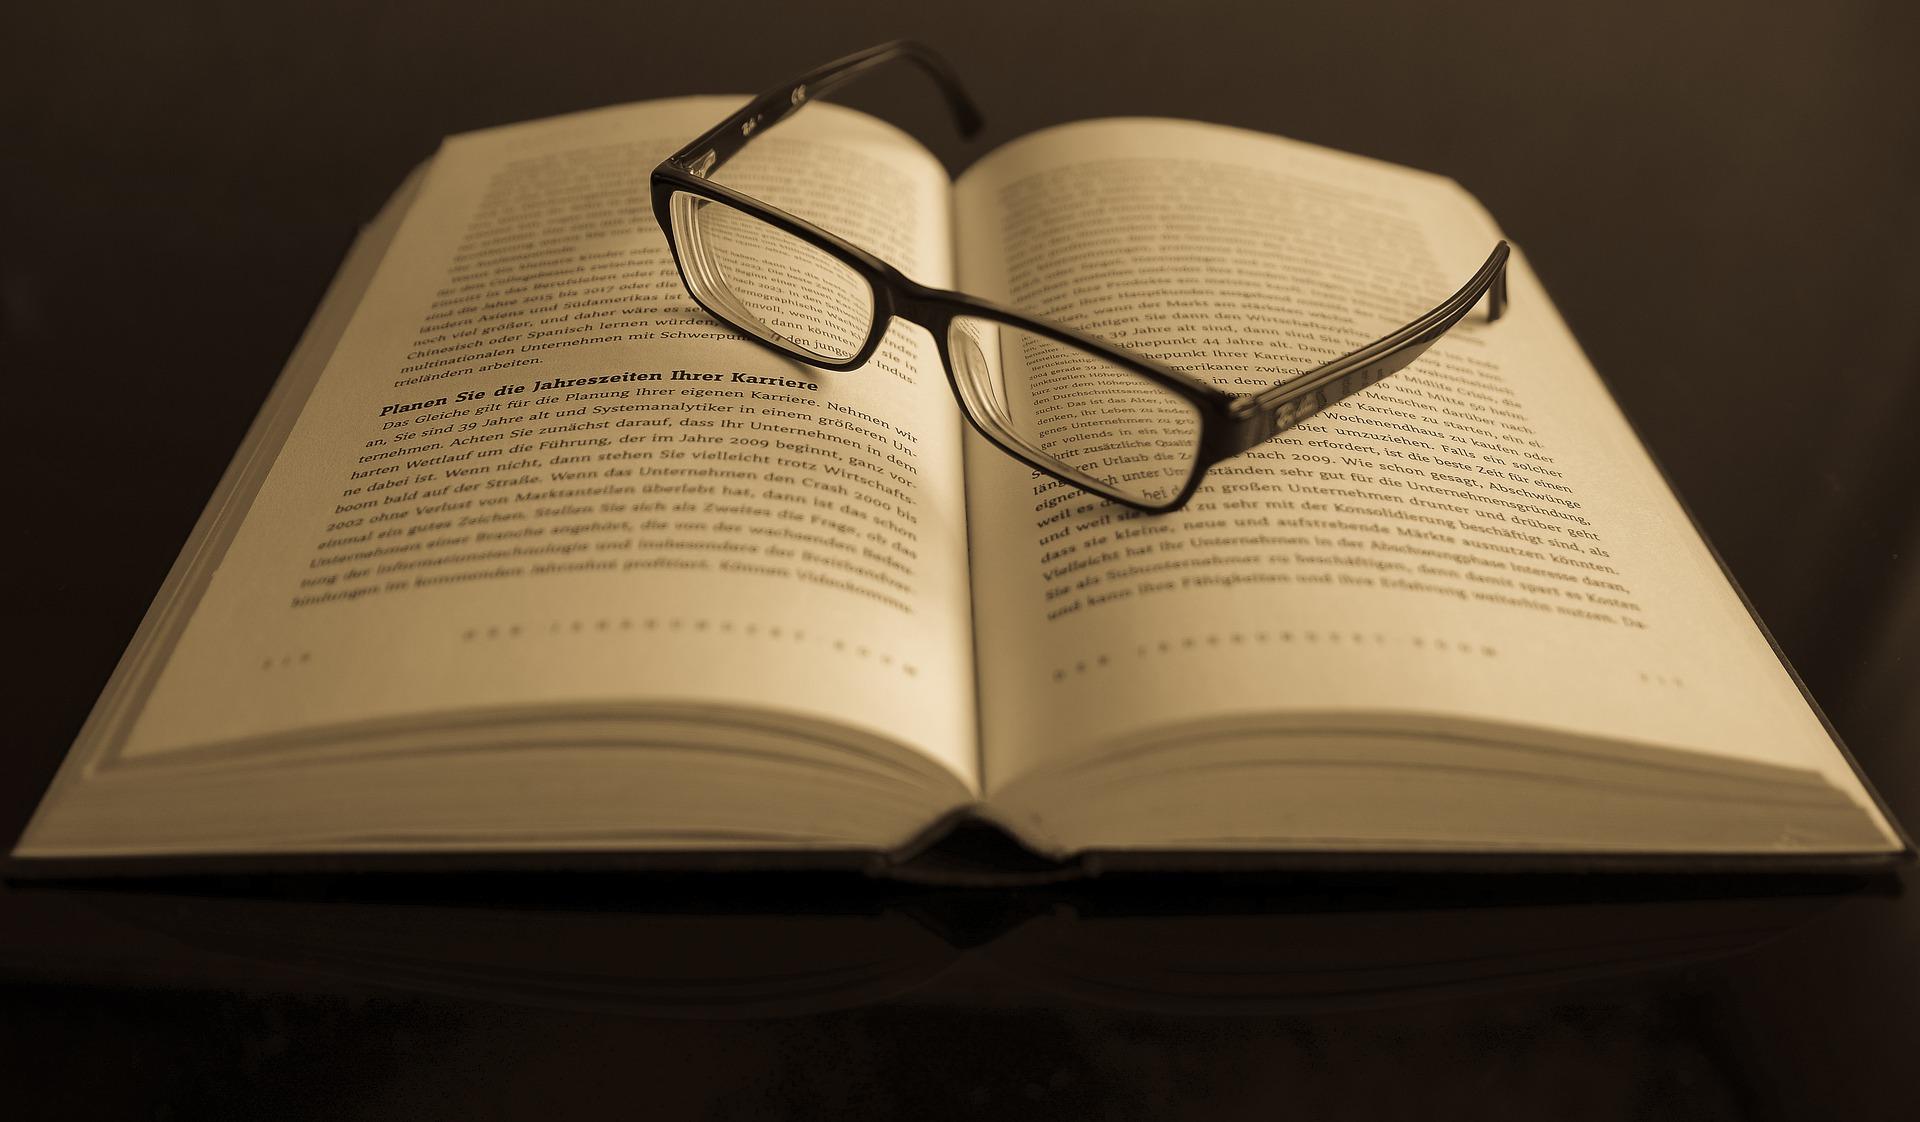 Livro aberto, em alemão, com óculos de leitura sobre ele.